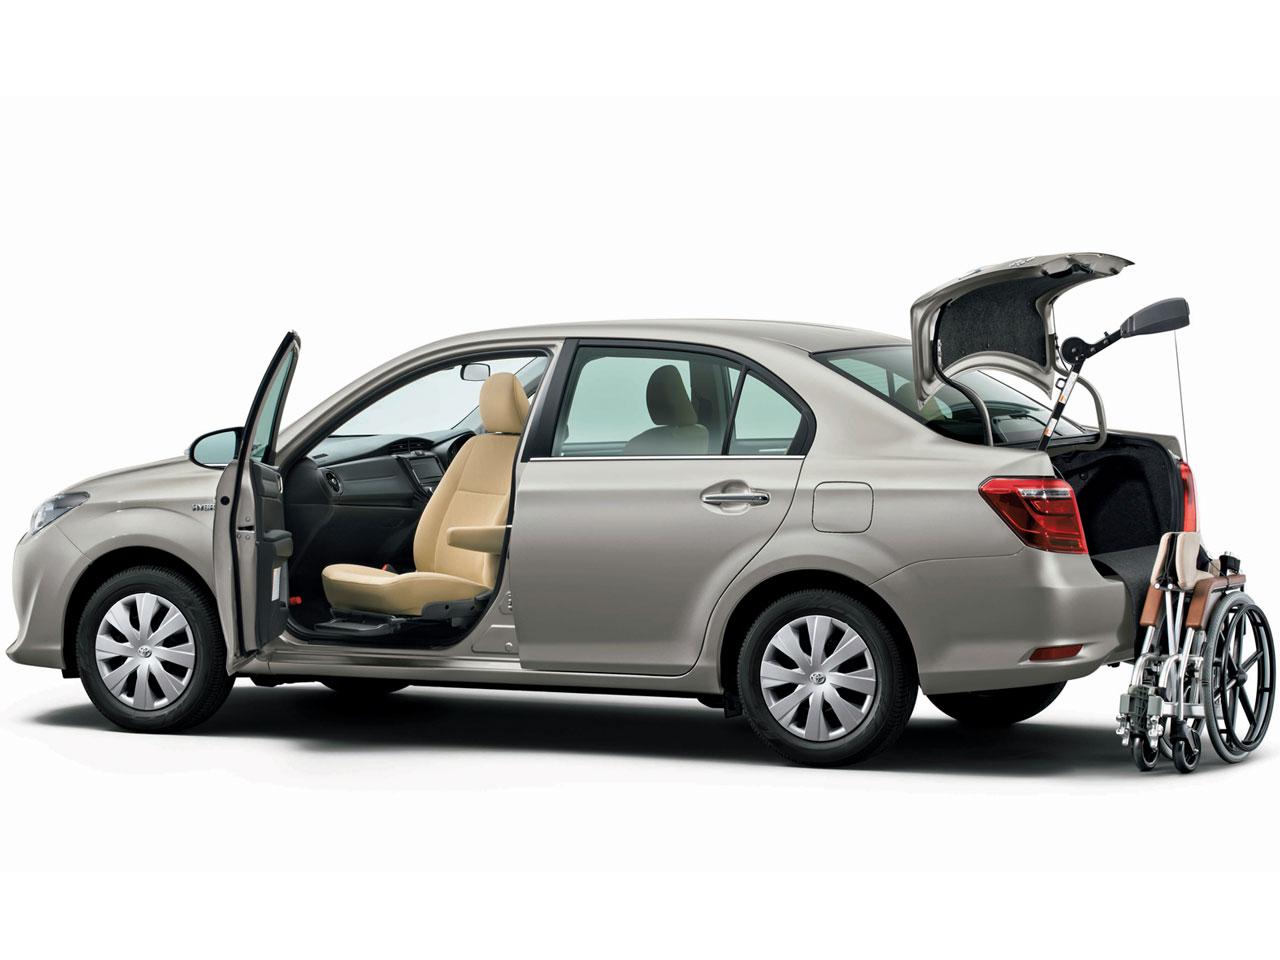 トヨタ カローラ アクシオ ハイブリッド 福祉車両 2013年モデル 新車画像